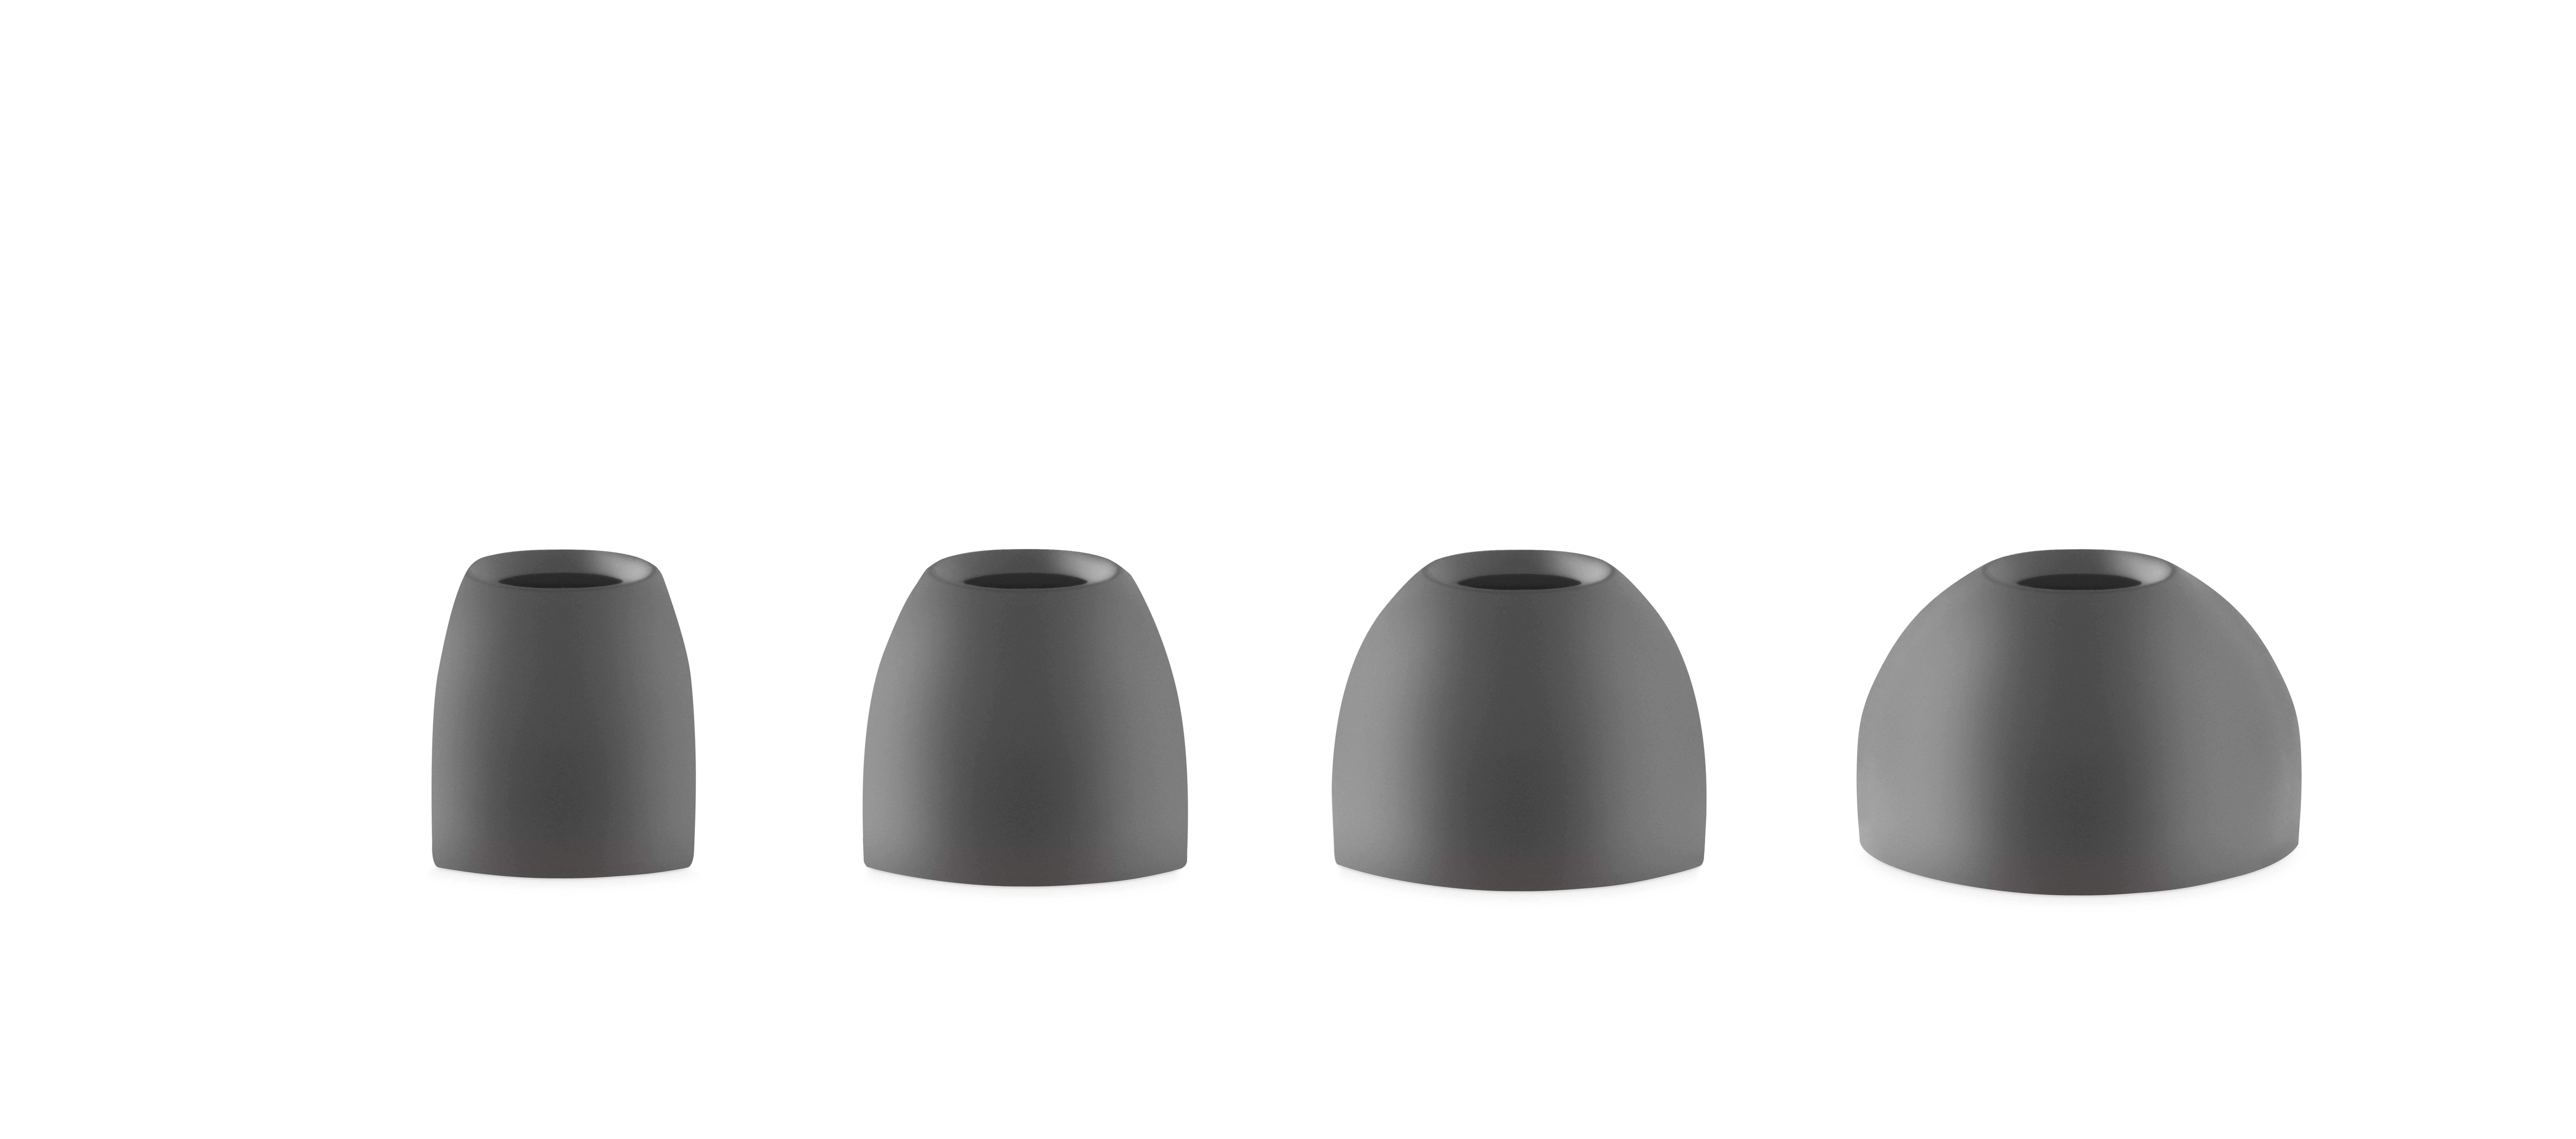 Earbuds case apple - apple wireless earbuds 8 hours